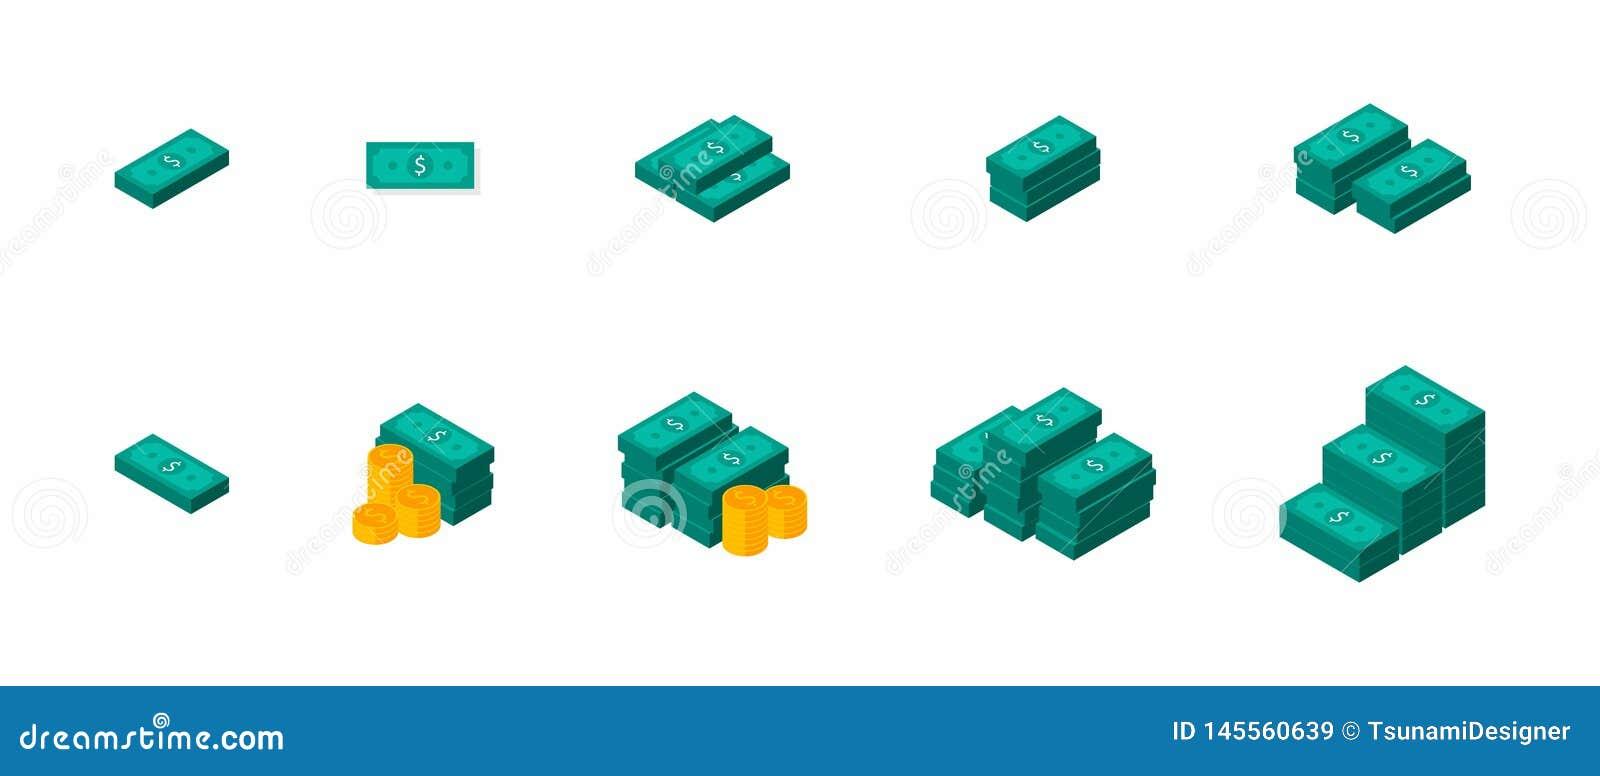 Dollarsbundels, Geld, Dollar, Stapel van geld, Muntstuk, Isometrisch, Vector, Vlak pictogram, Pictogrampak, Pictogramreeks